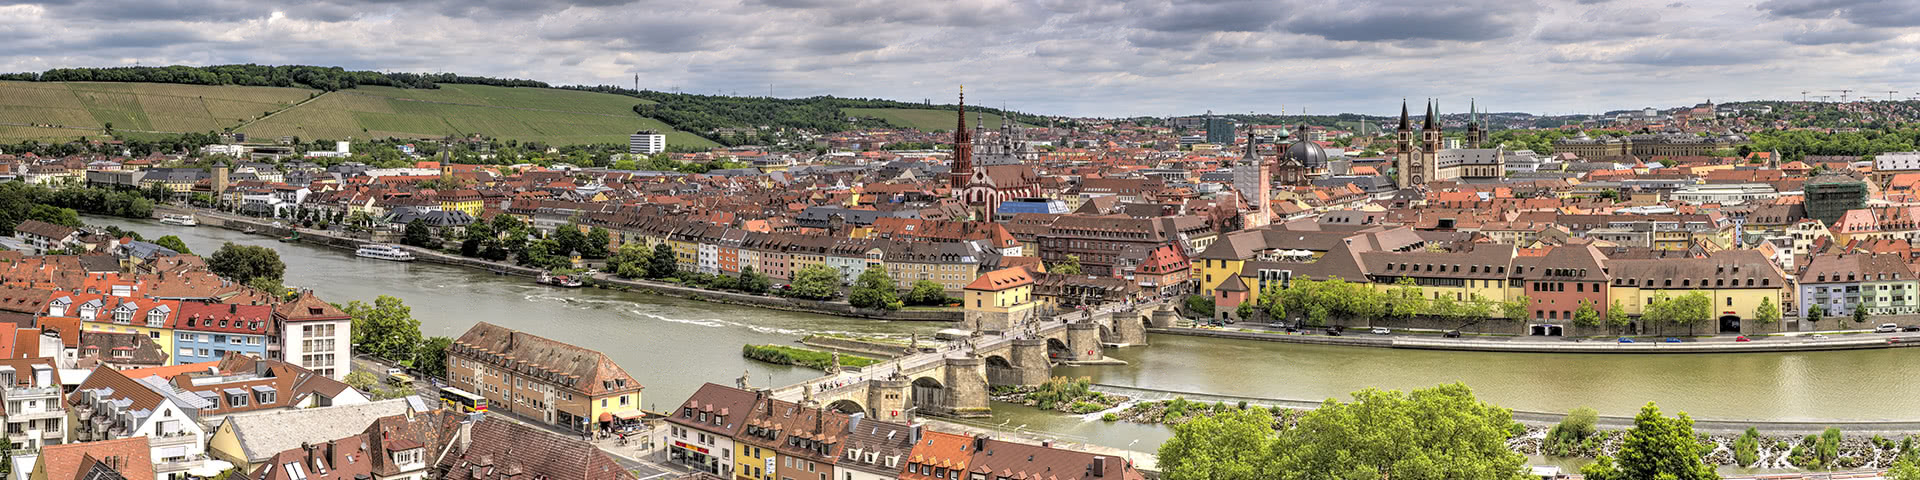 Übersicht über die Innstadt von Würzburg mit dem Fluß Main